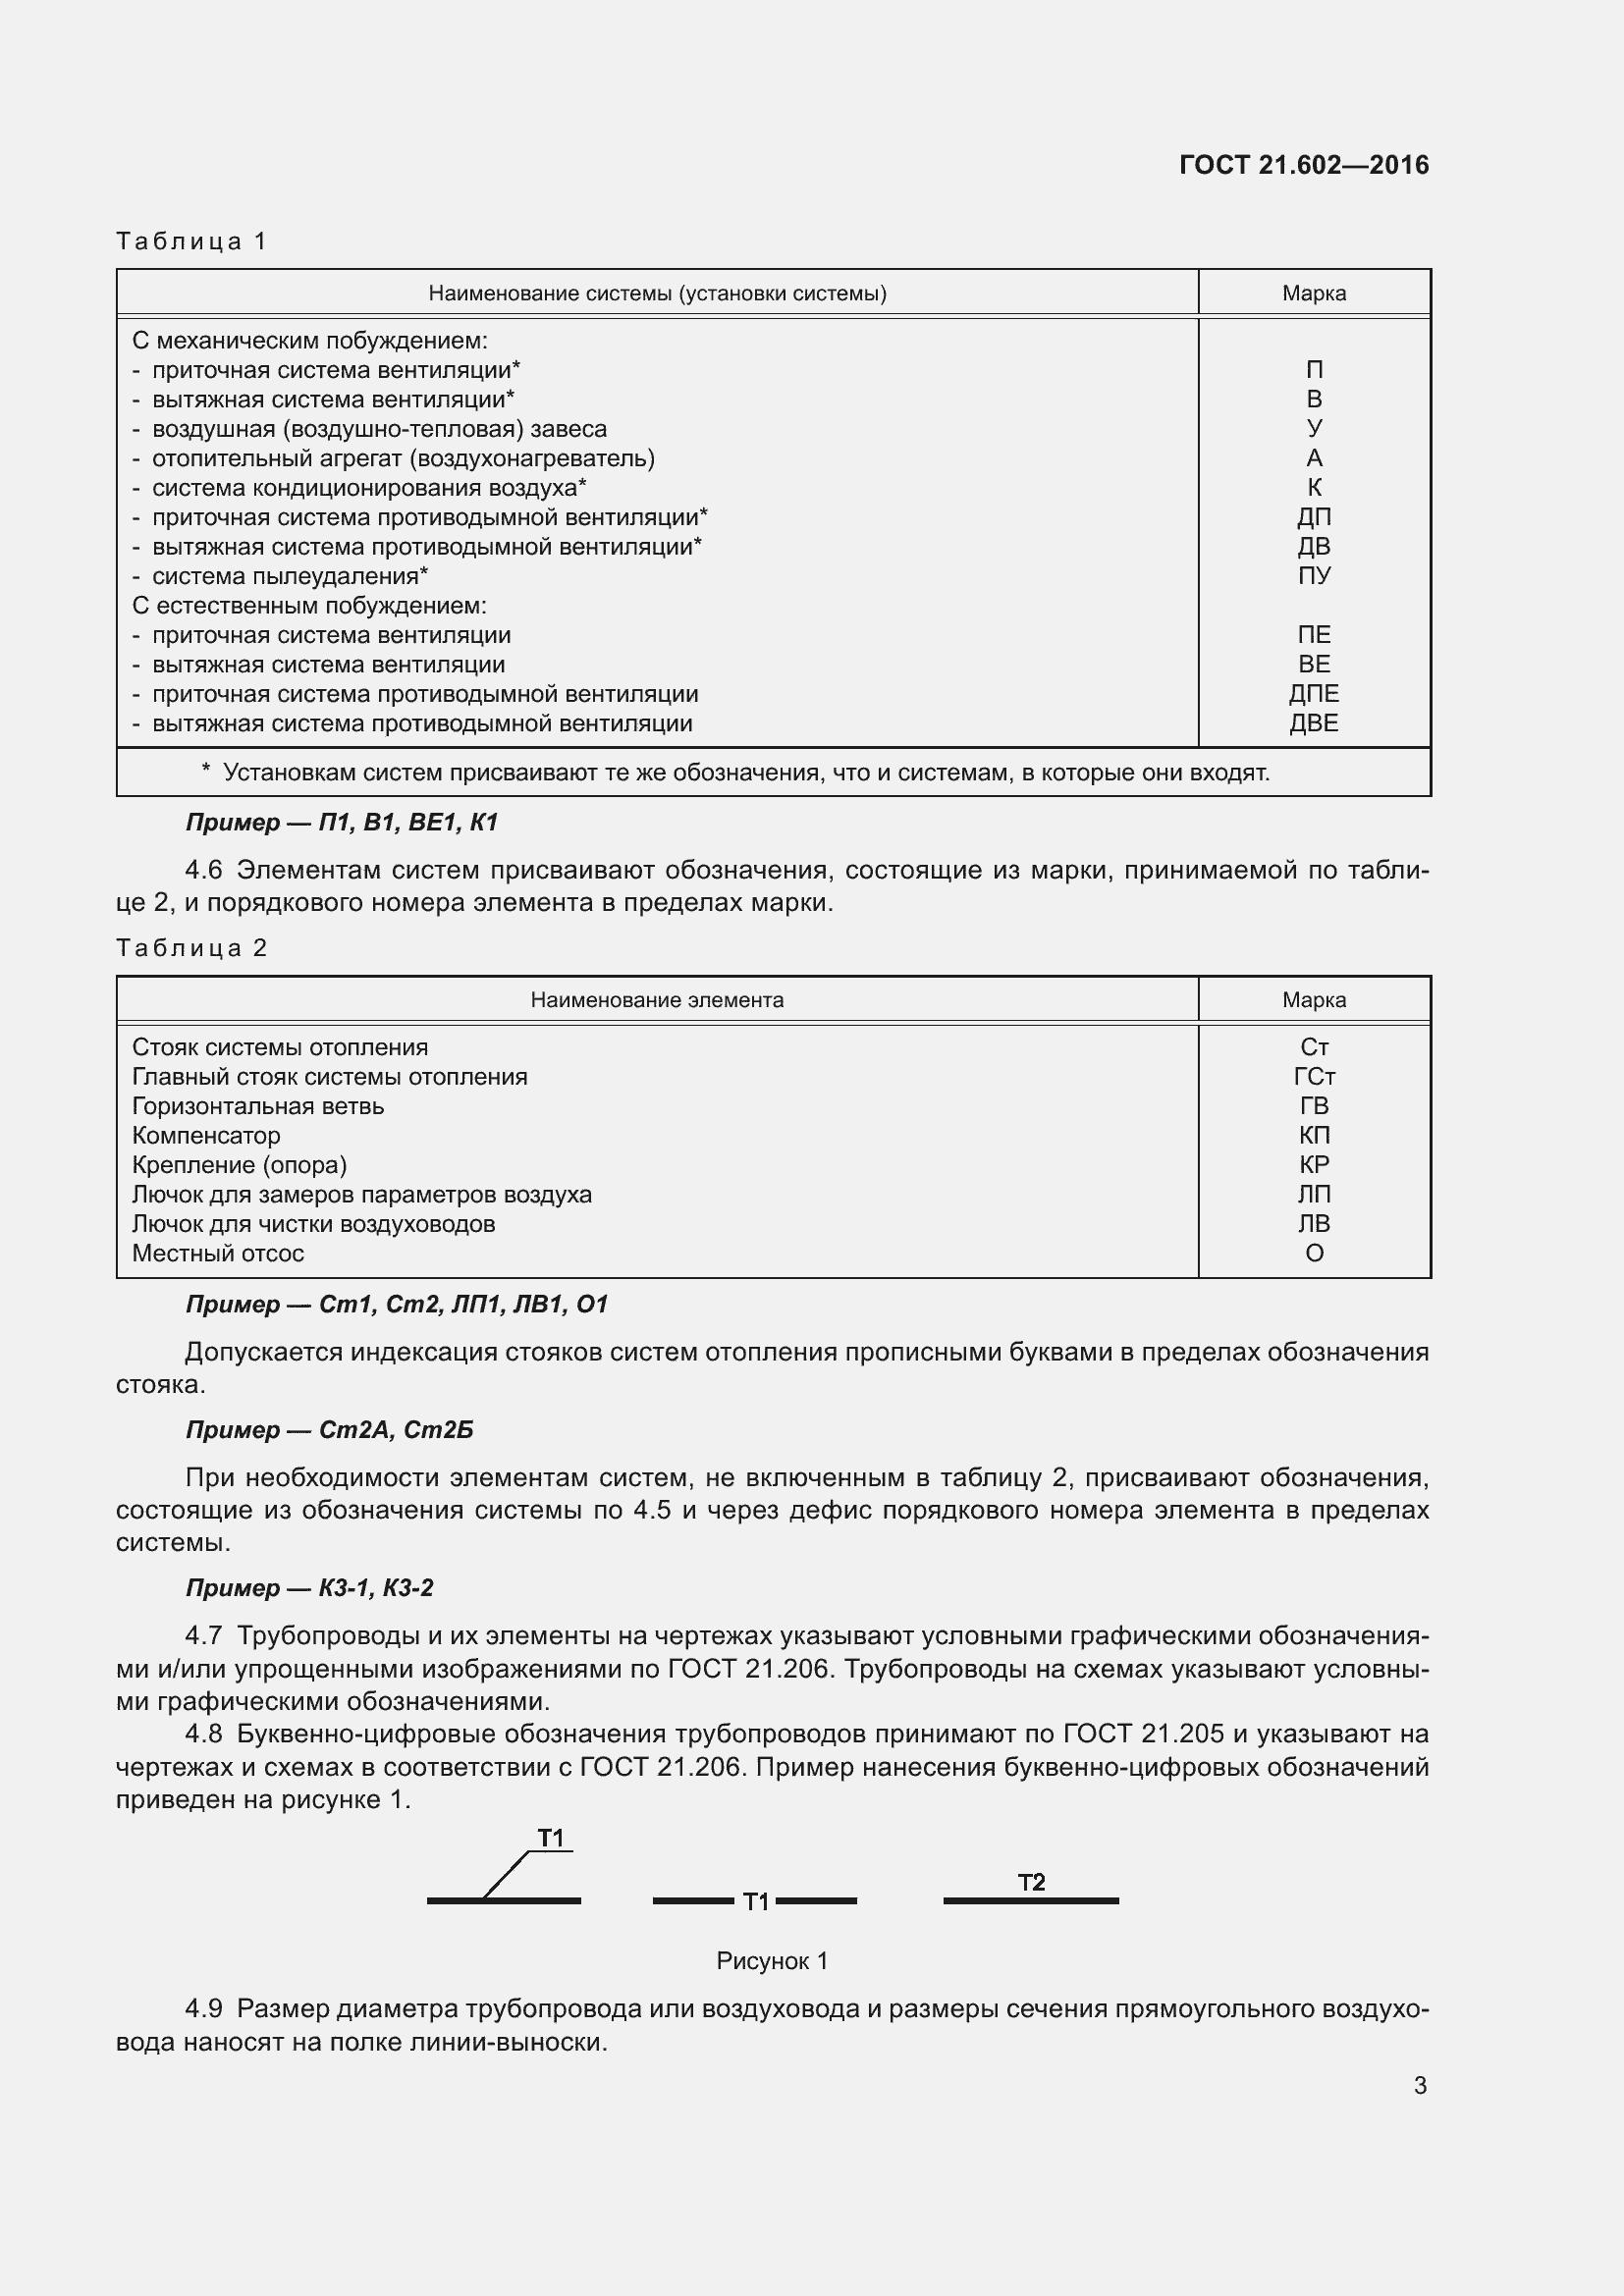 ГОСТ 21.602-2016. Страница 8